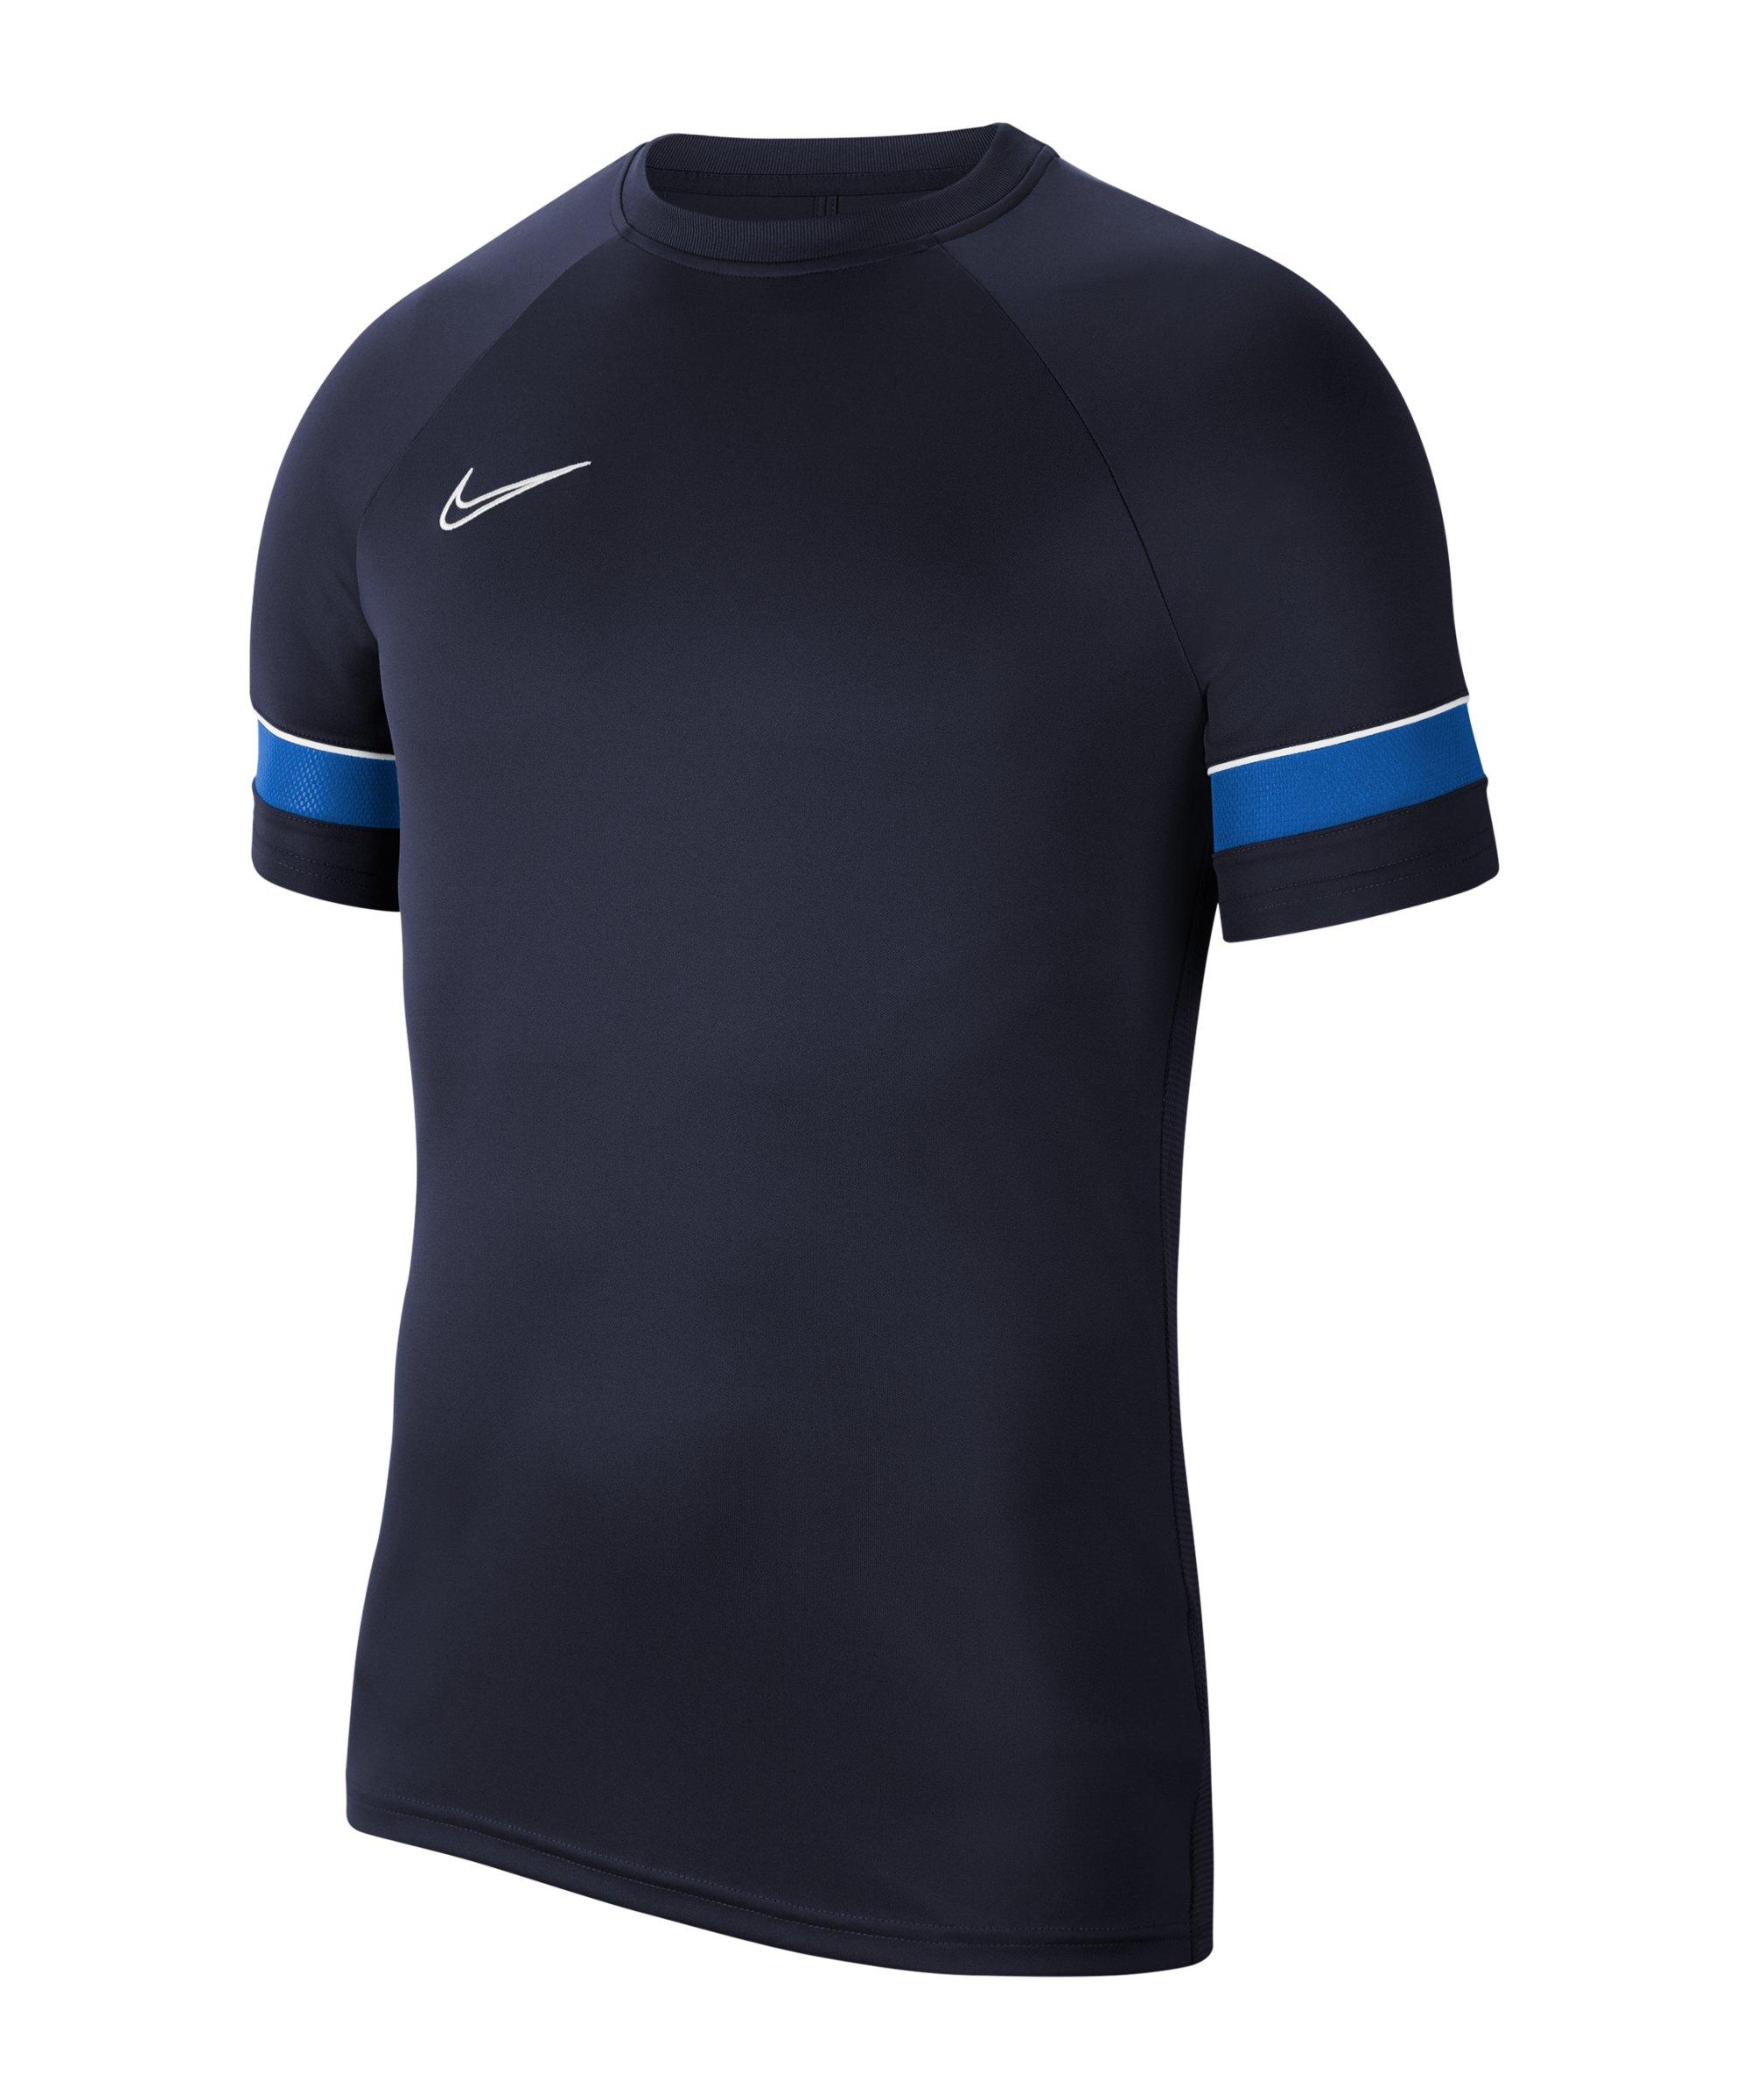 Nike Academy 21 T-Shirt Blau Weiss F453 - blau